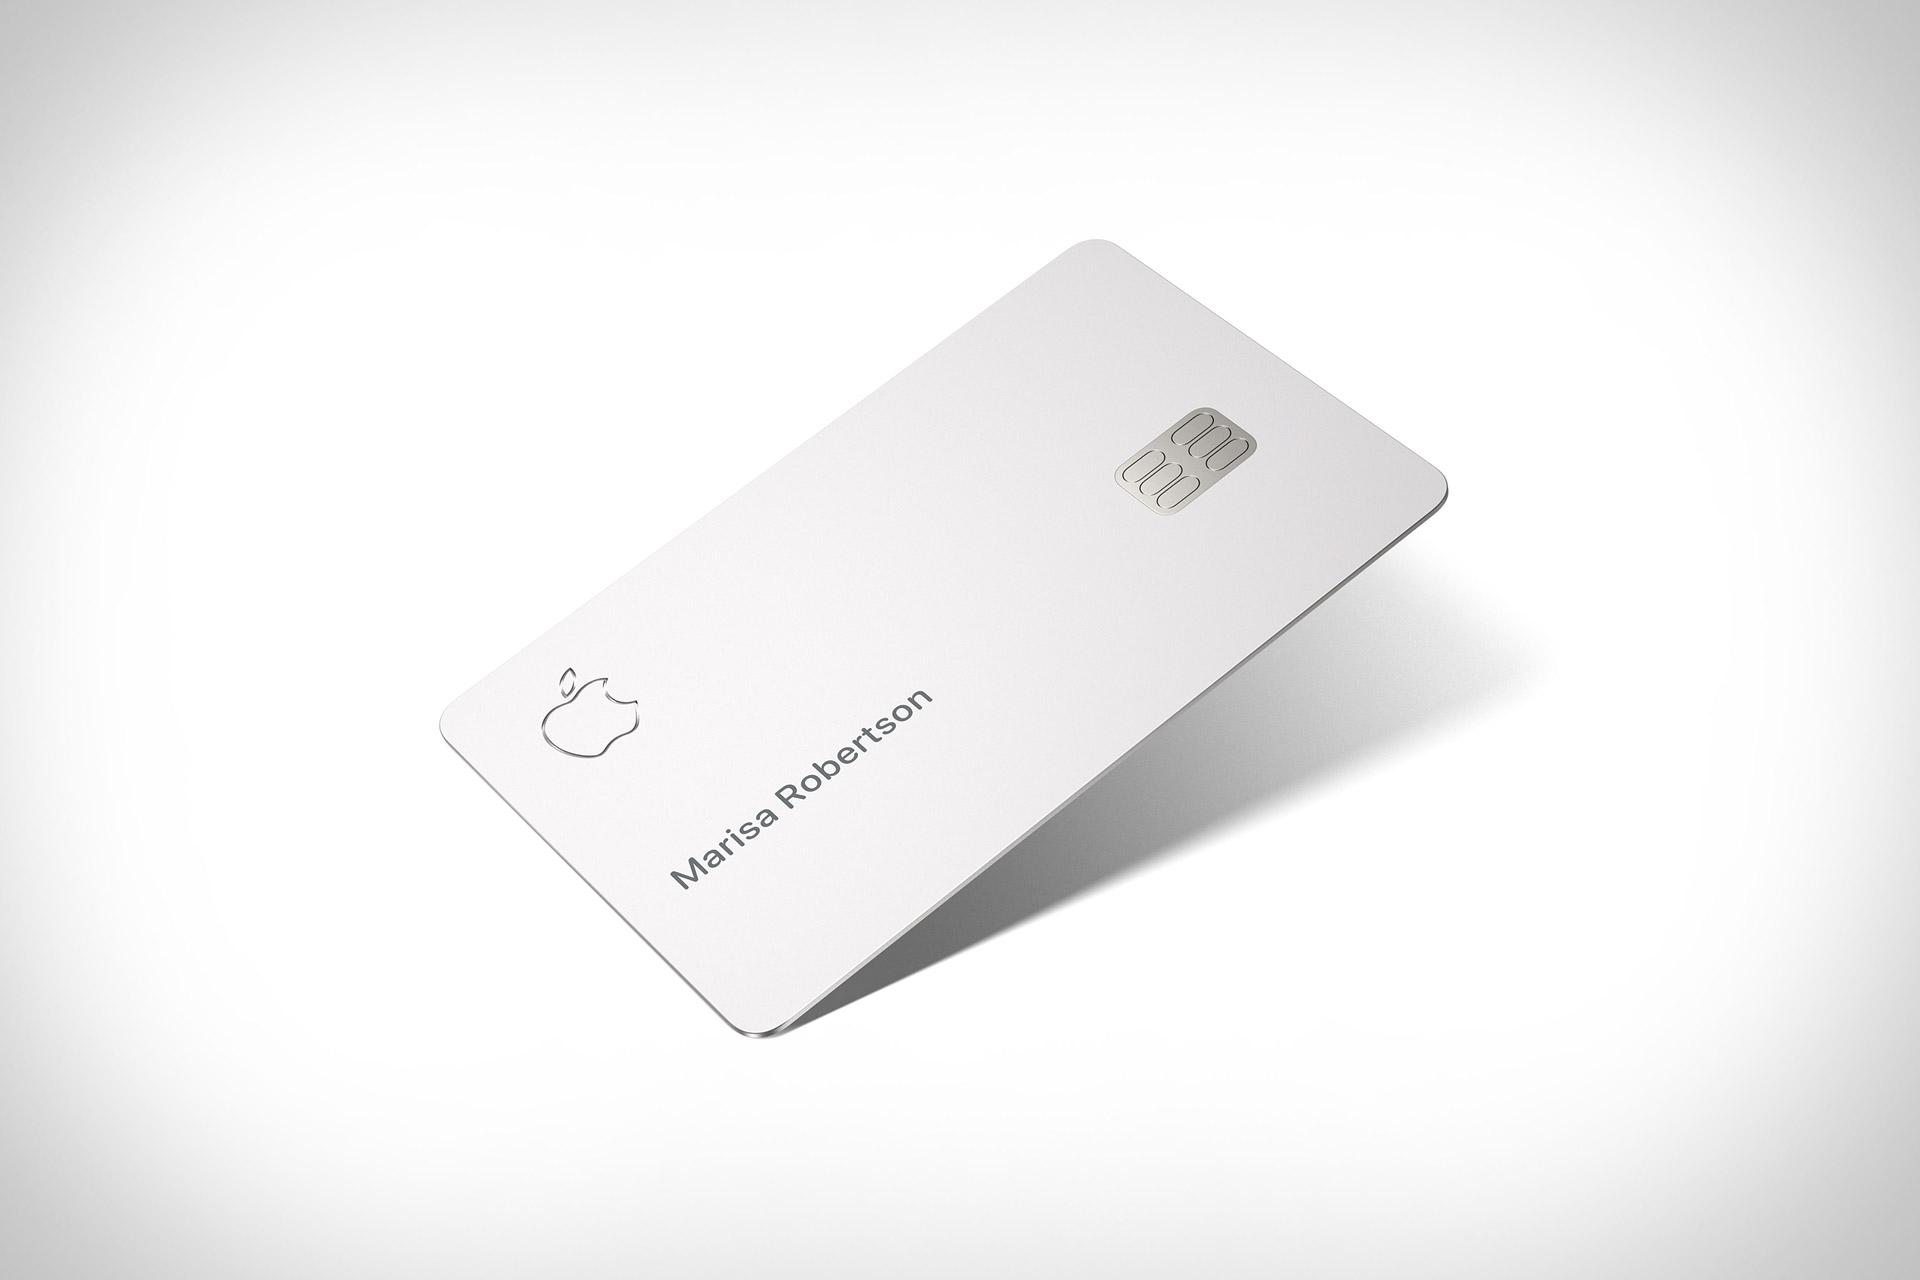 Apple в этом году начнет выпускать кредитные карты